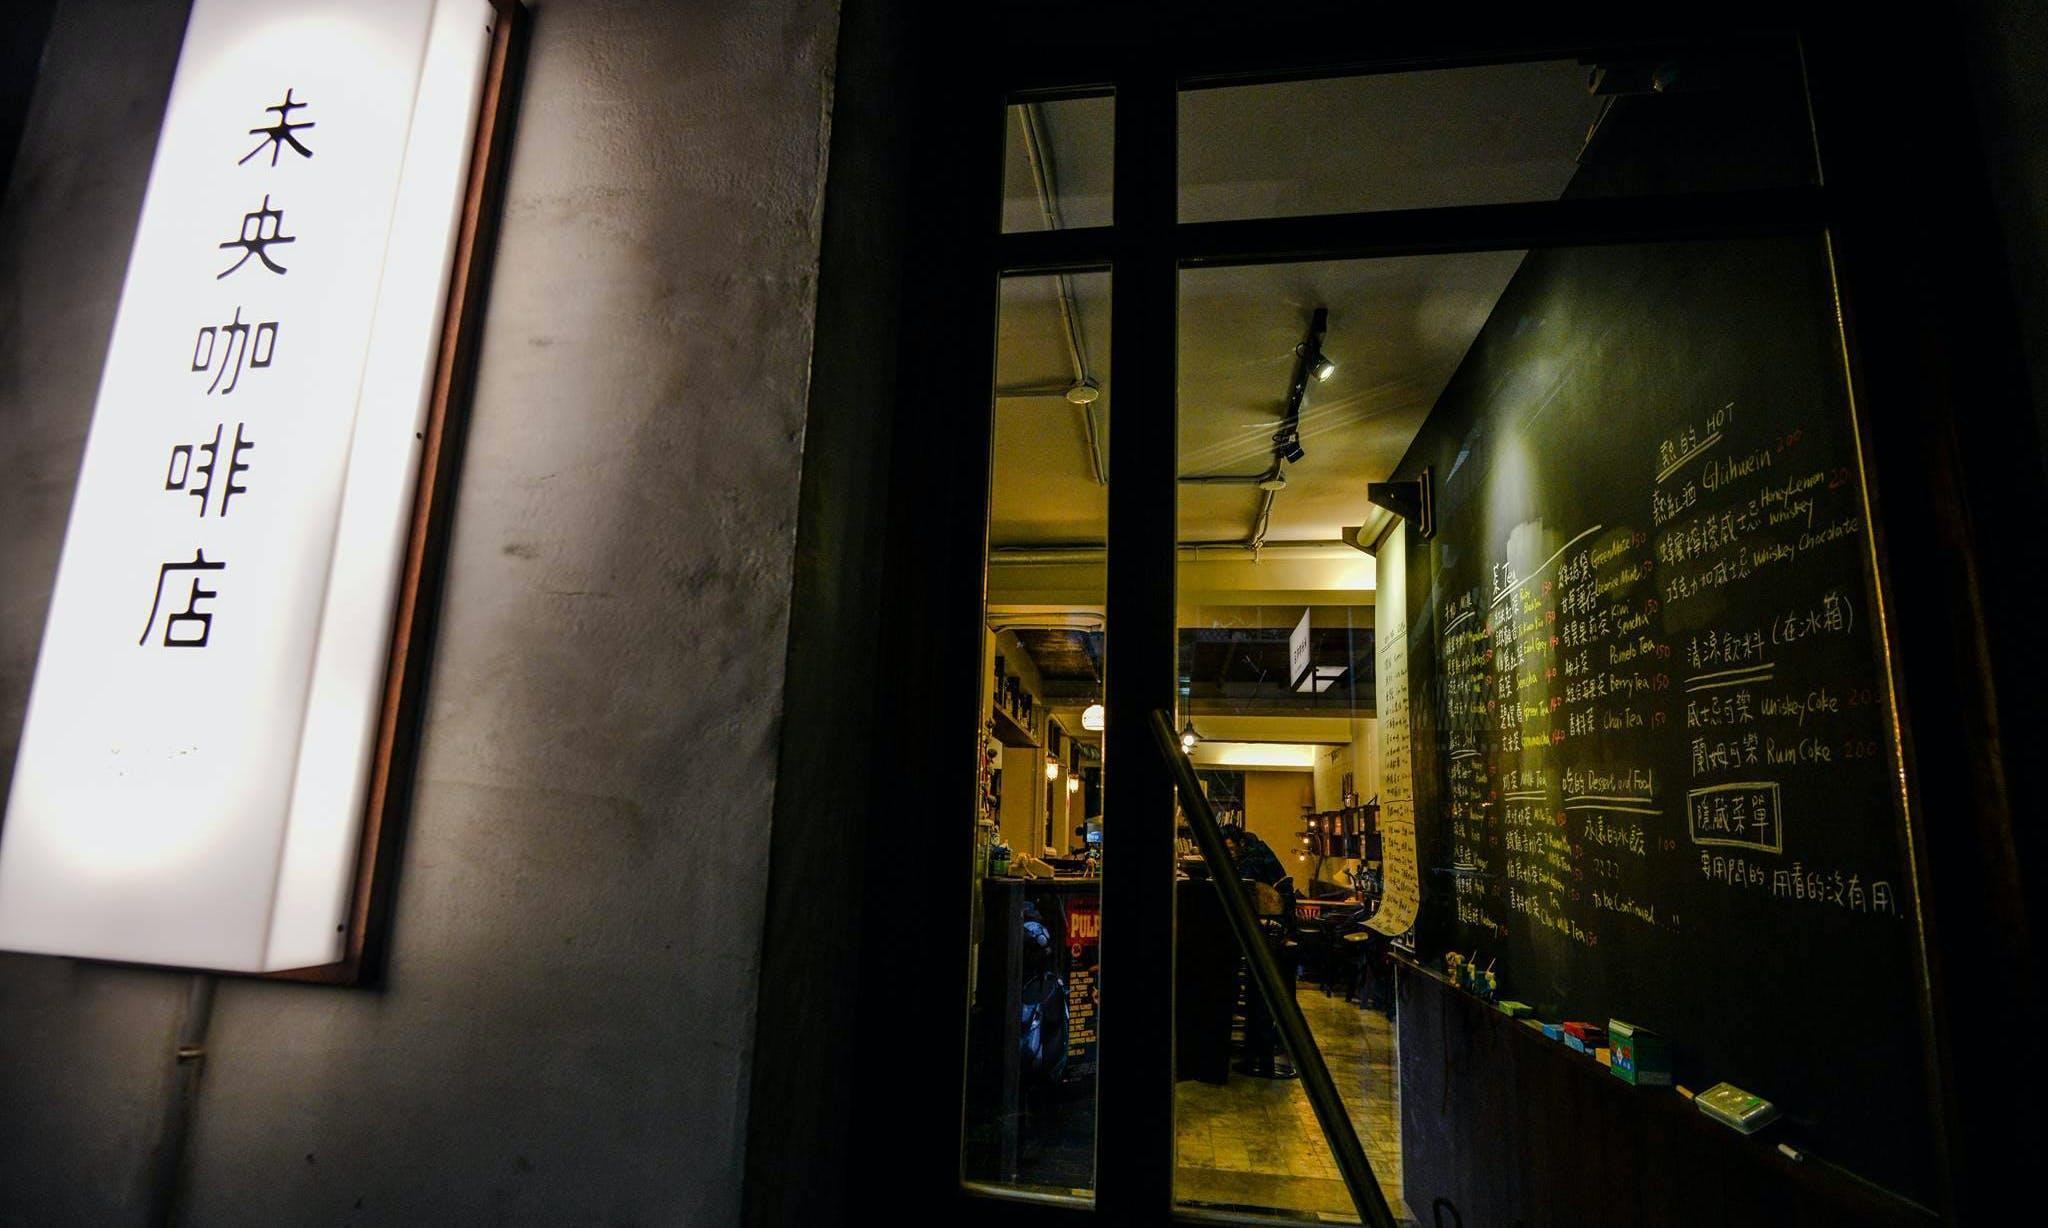 台北夜貓日常,5間讓人留連忘返的「深夜咖啡館」